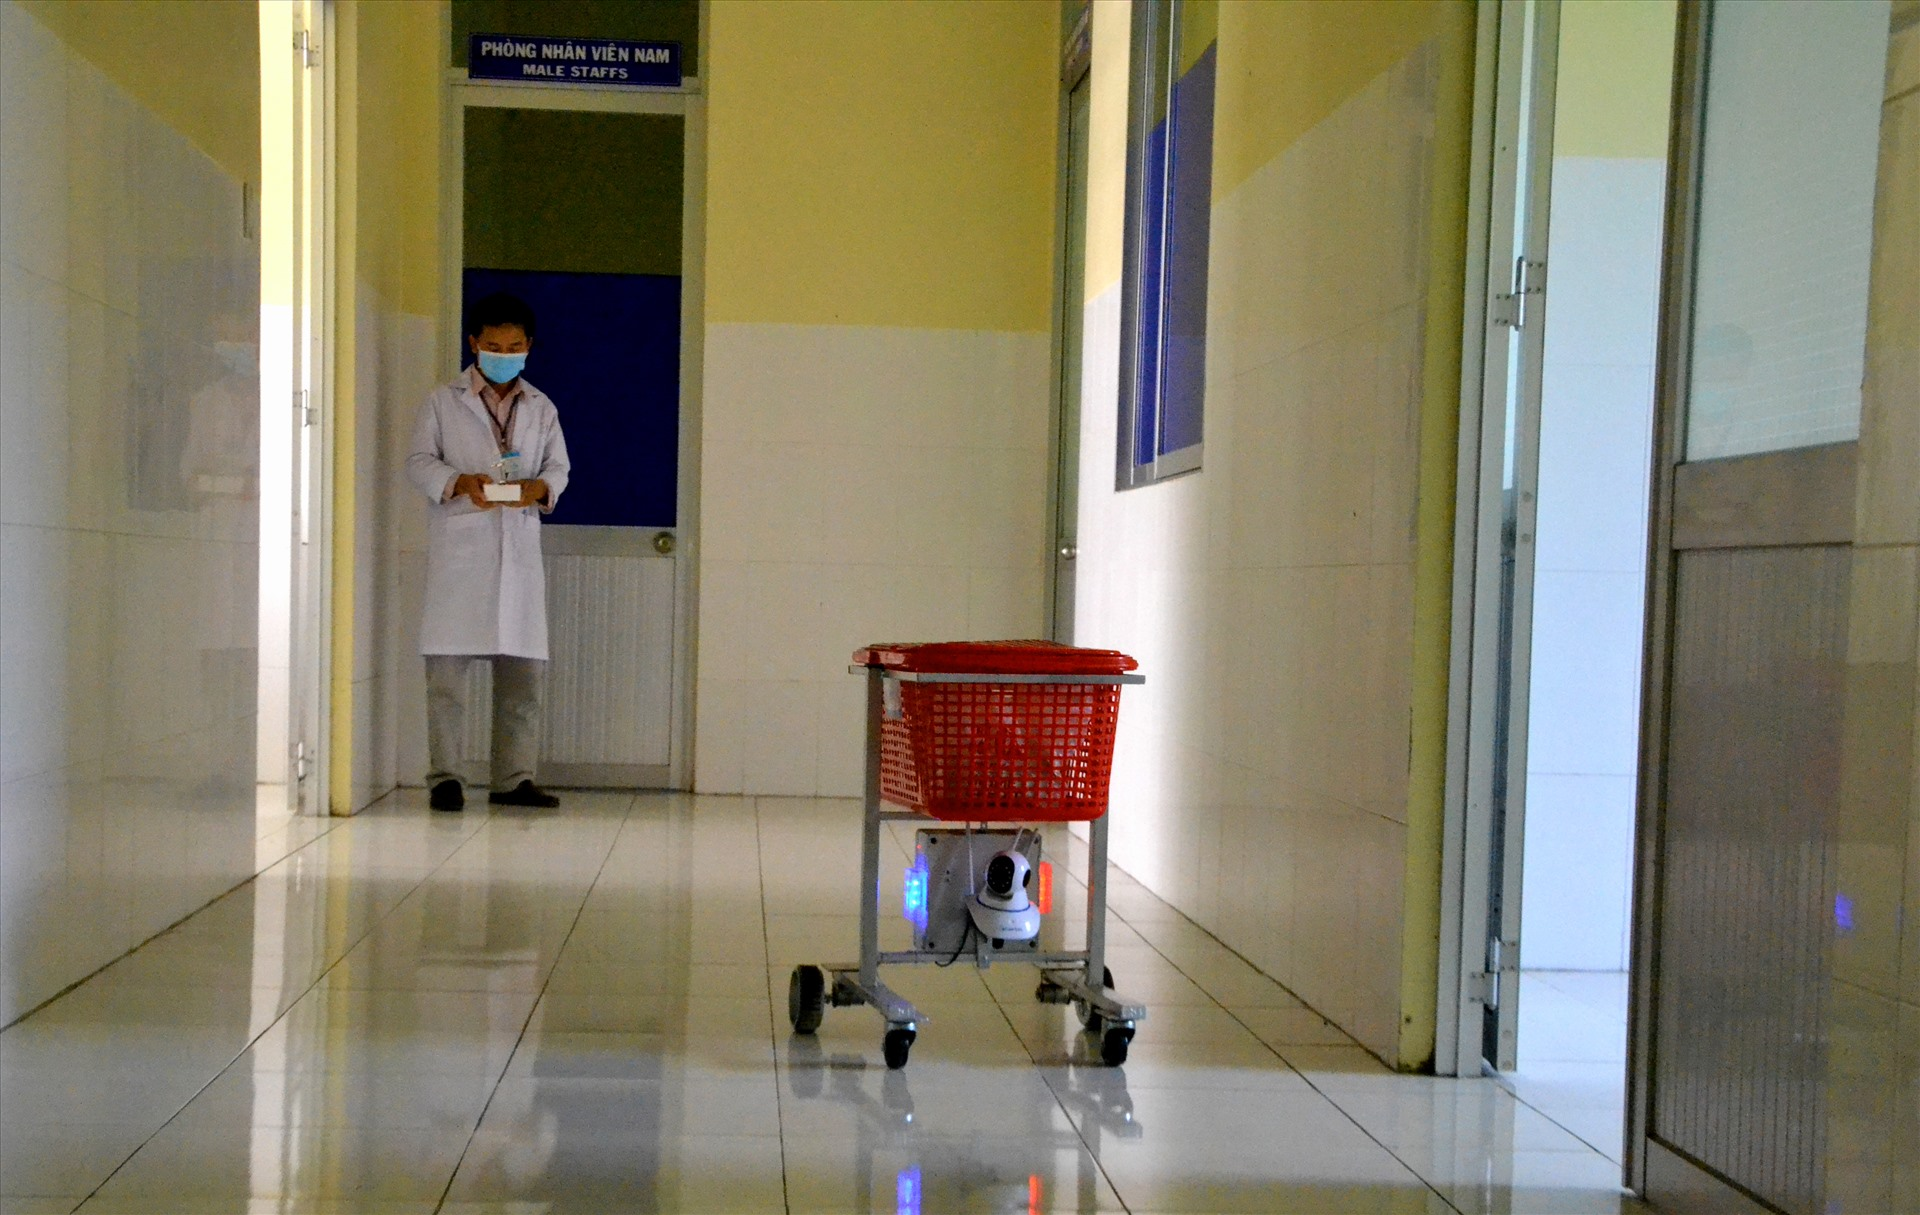 Thông qua điều khiển từ xa, điều hành robot mang vật dụng đến tận cửa phòng bệnh nhân. Ảnh: LT